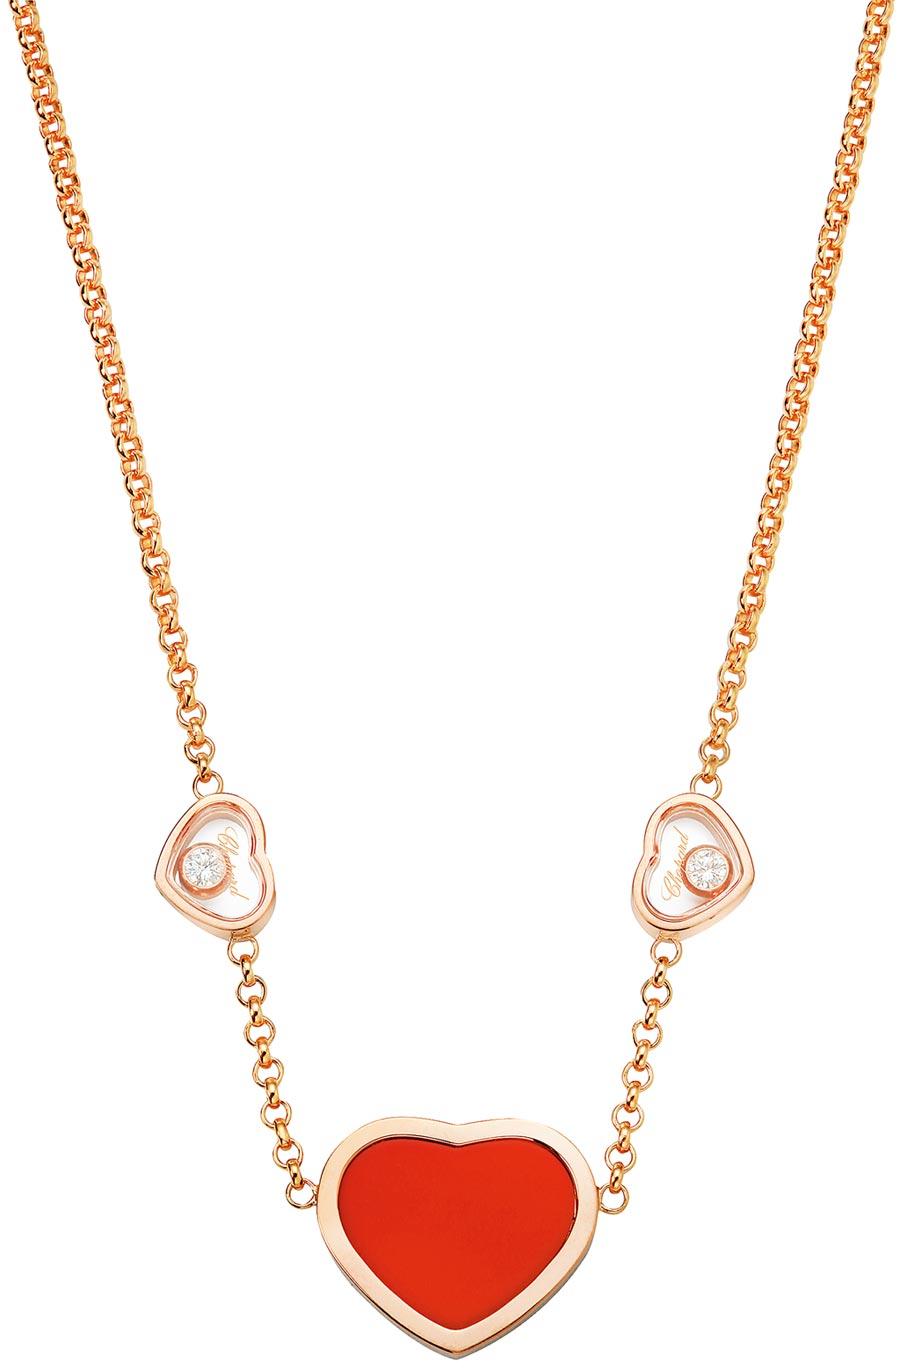 Happy Hearts系列18K玫瑰金項鍊,珊瑚材質,搭配兩顆滑動鑽石。